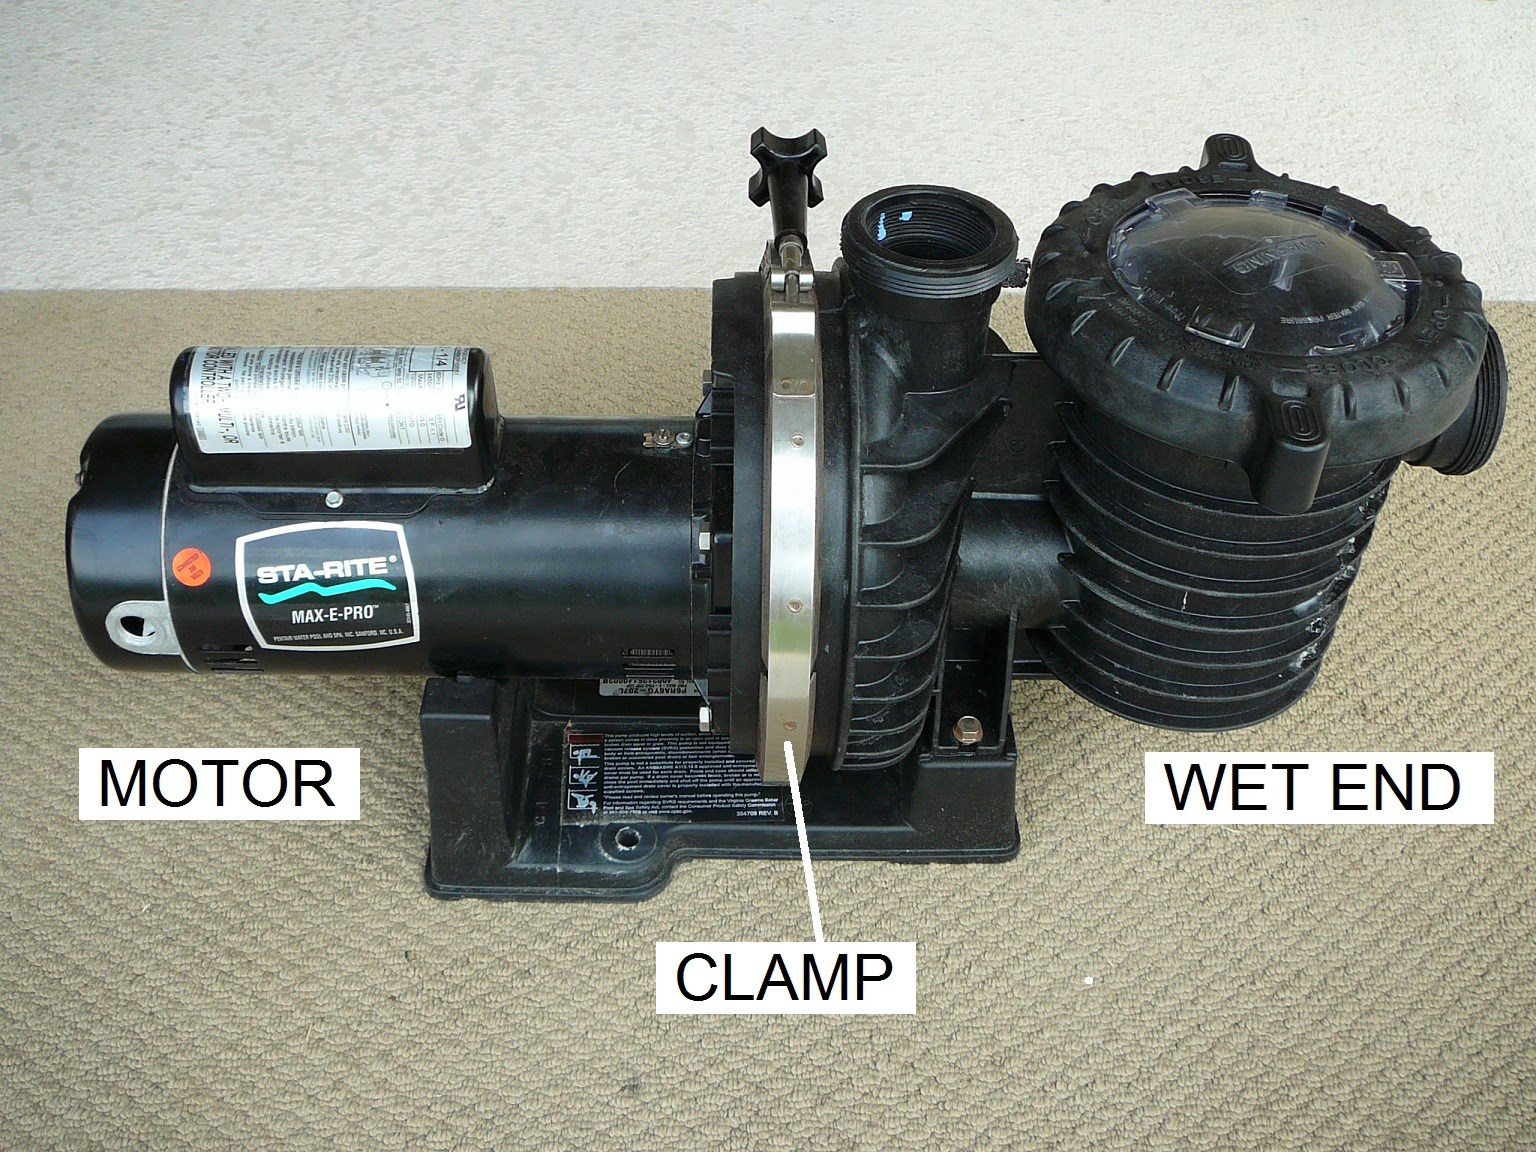 sta rite pool pump manual